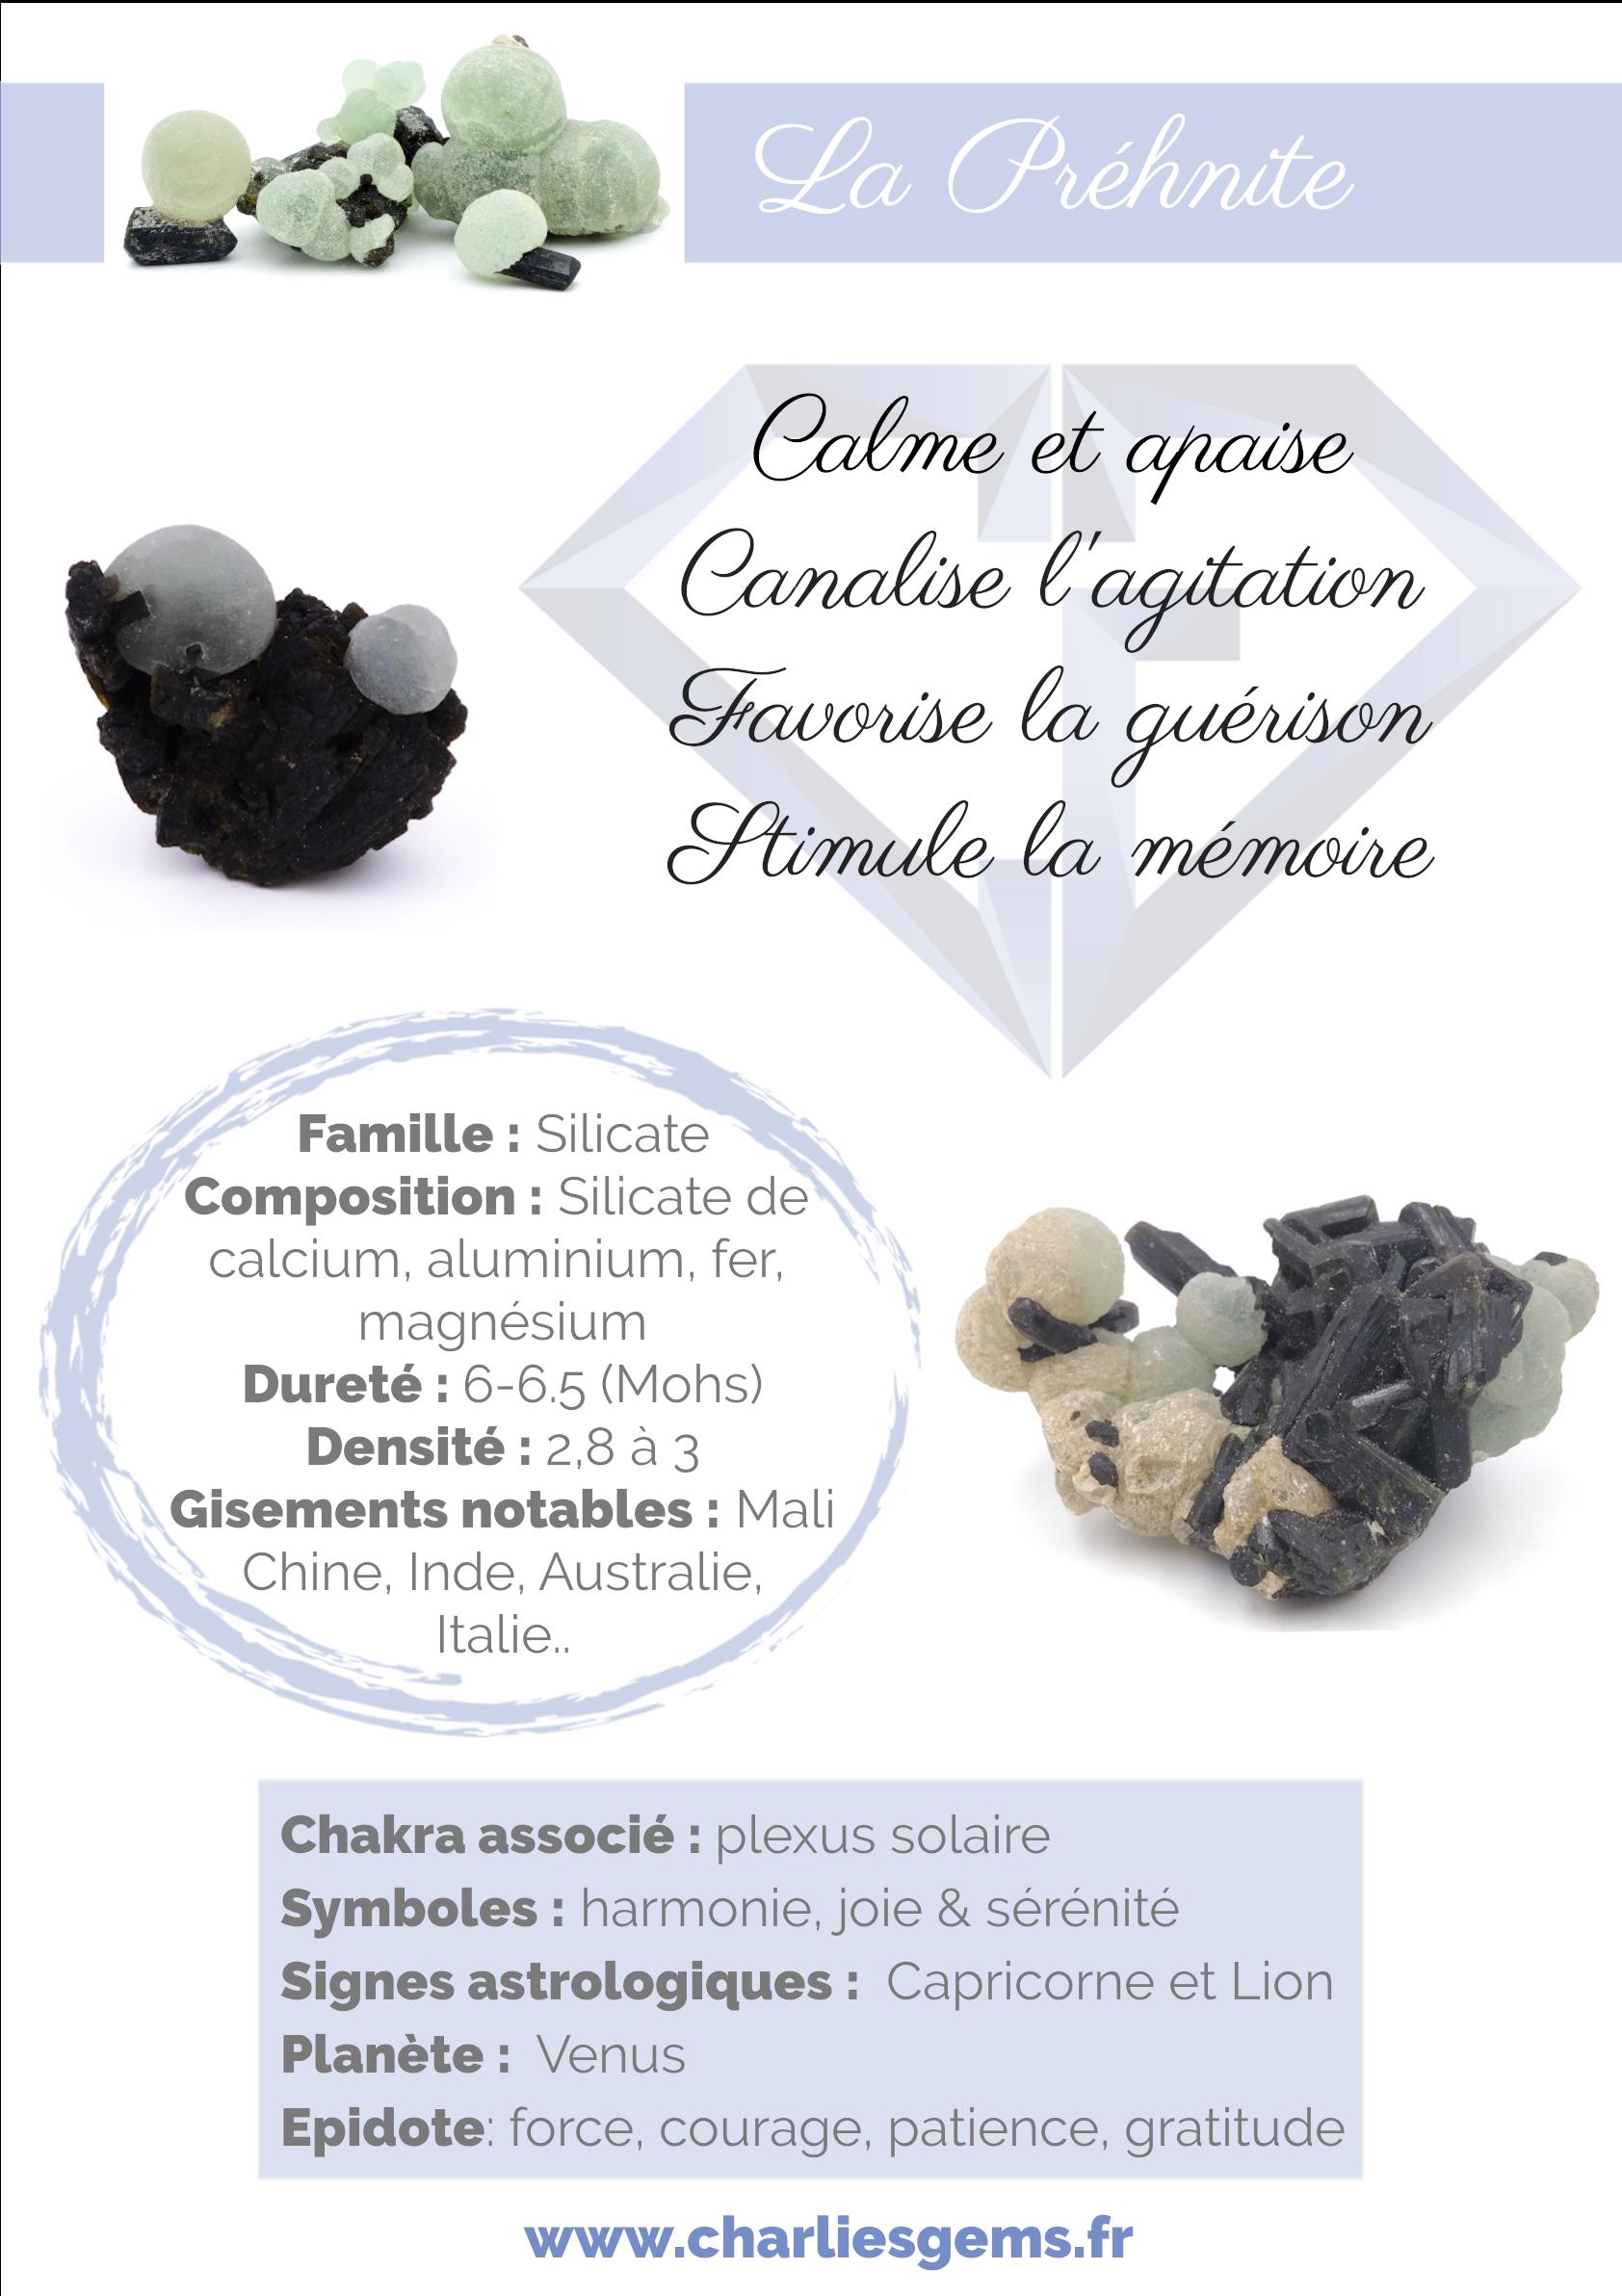 Fiche de présentation de la Prehnite (description, lithothérapie, propriétés) - Par Charlie's Gems